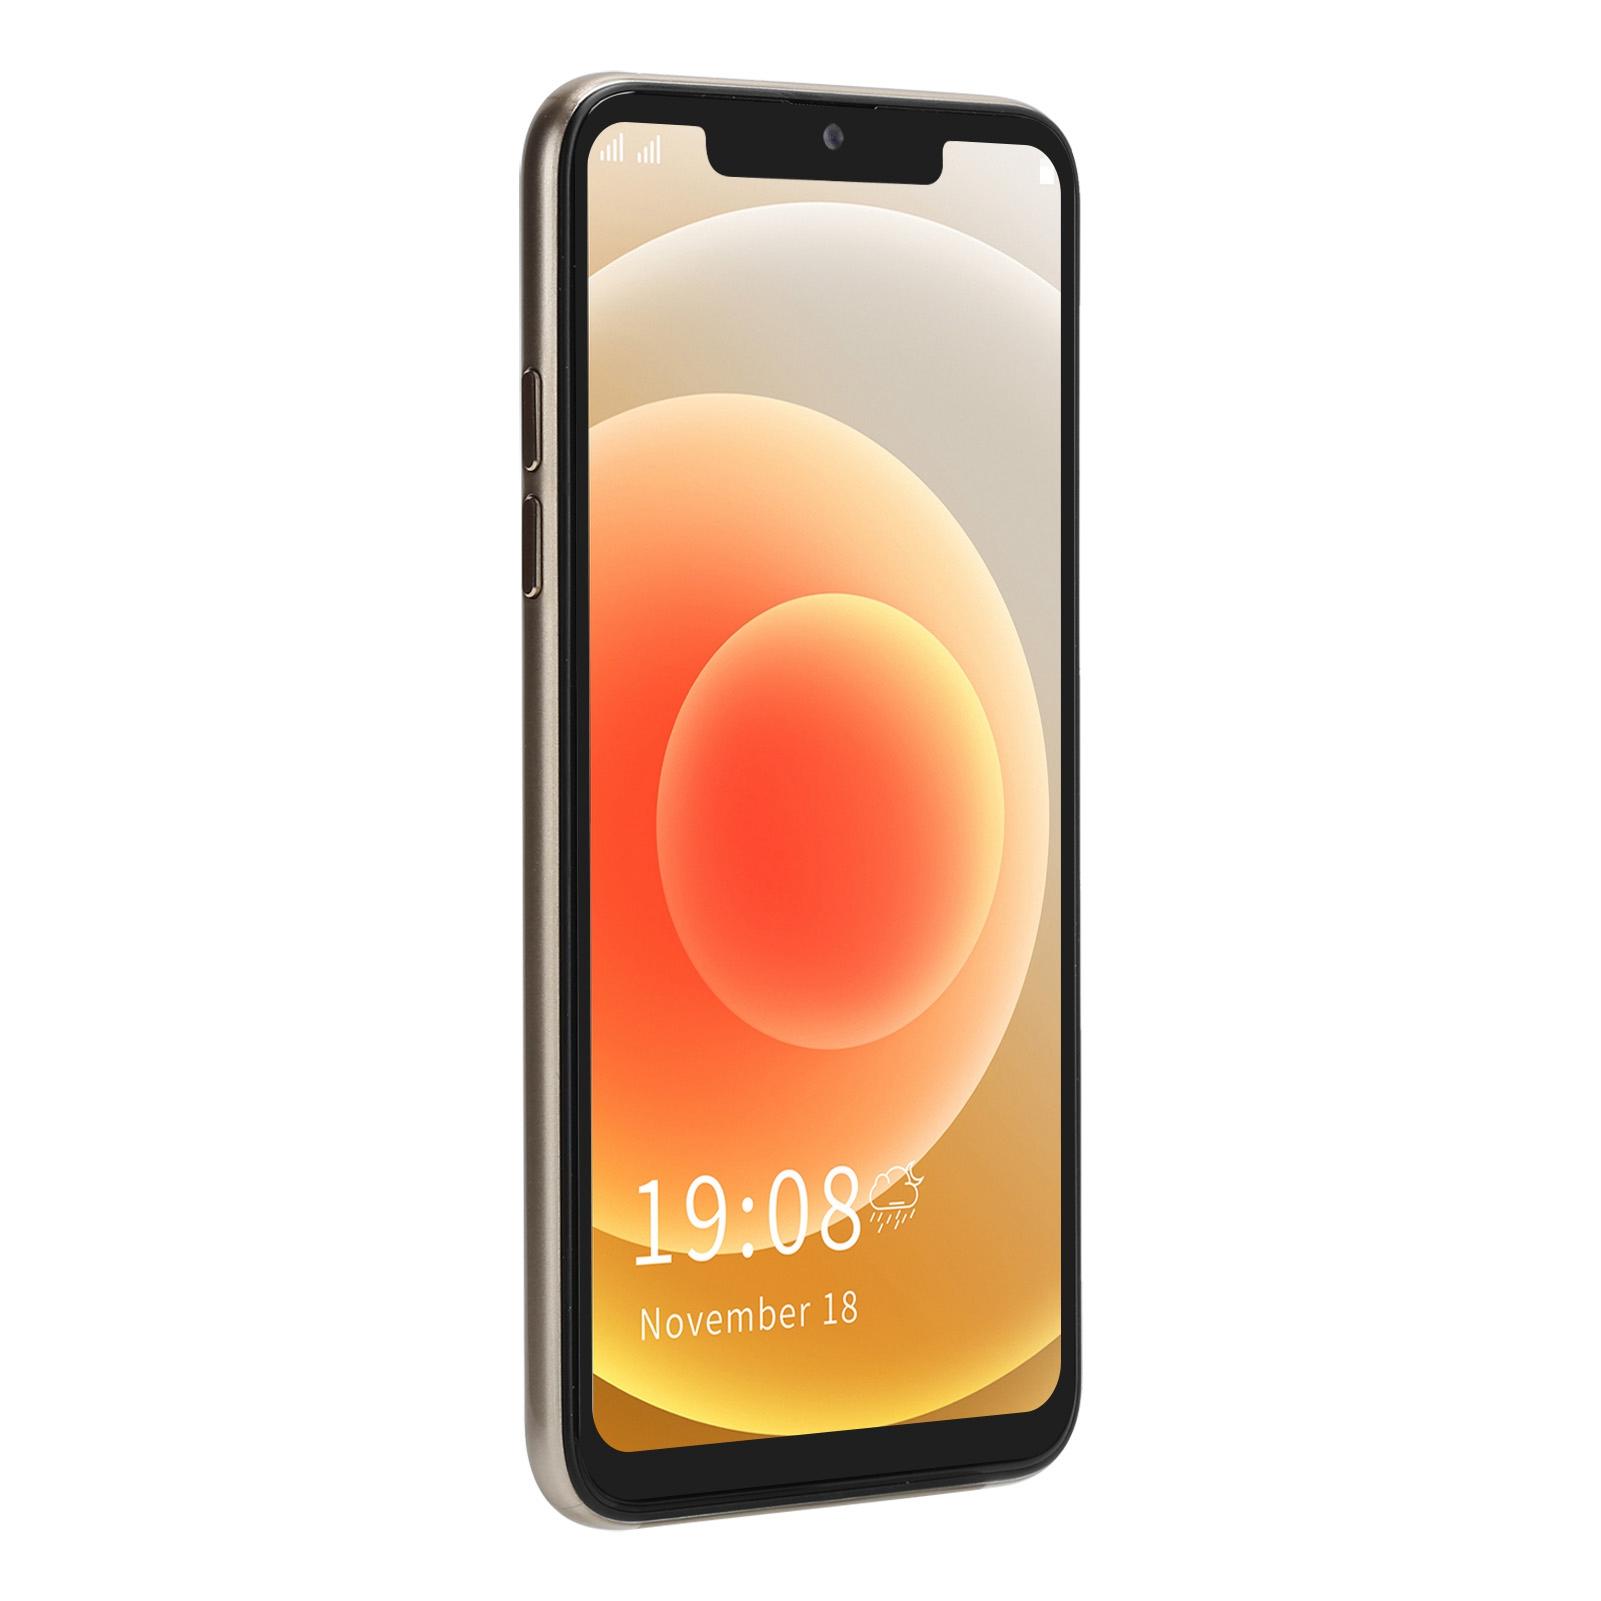 """miniature 57 - 6.5"""" Smartphone 1 Go 16 Go Mobile Phone Dual SIM avant arrière double caméra Android"""